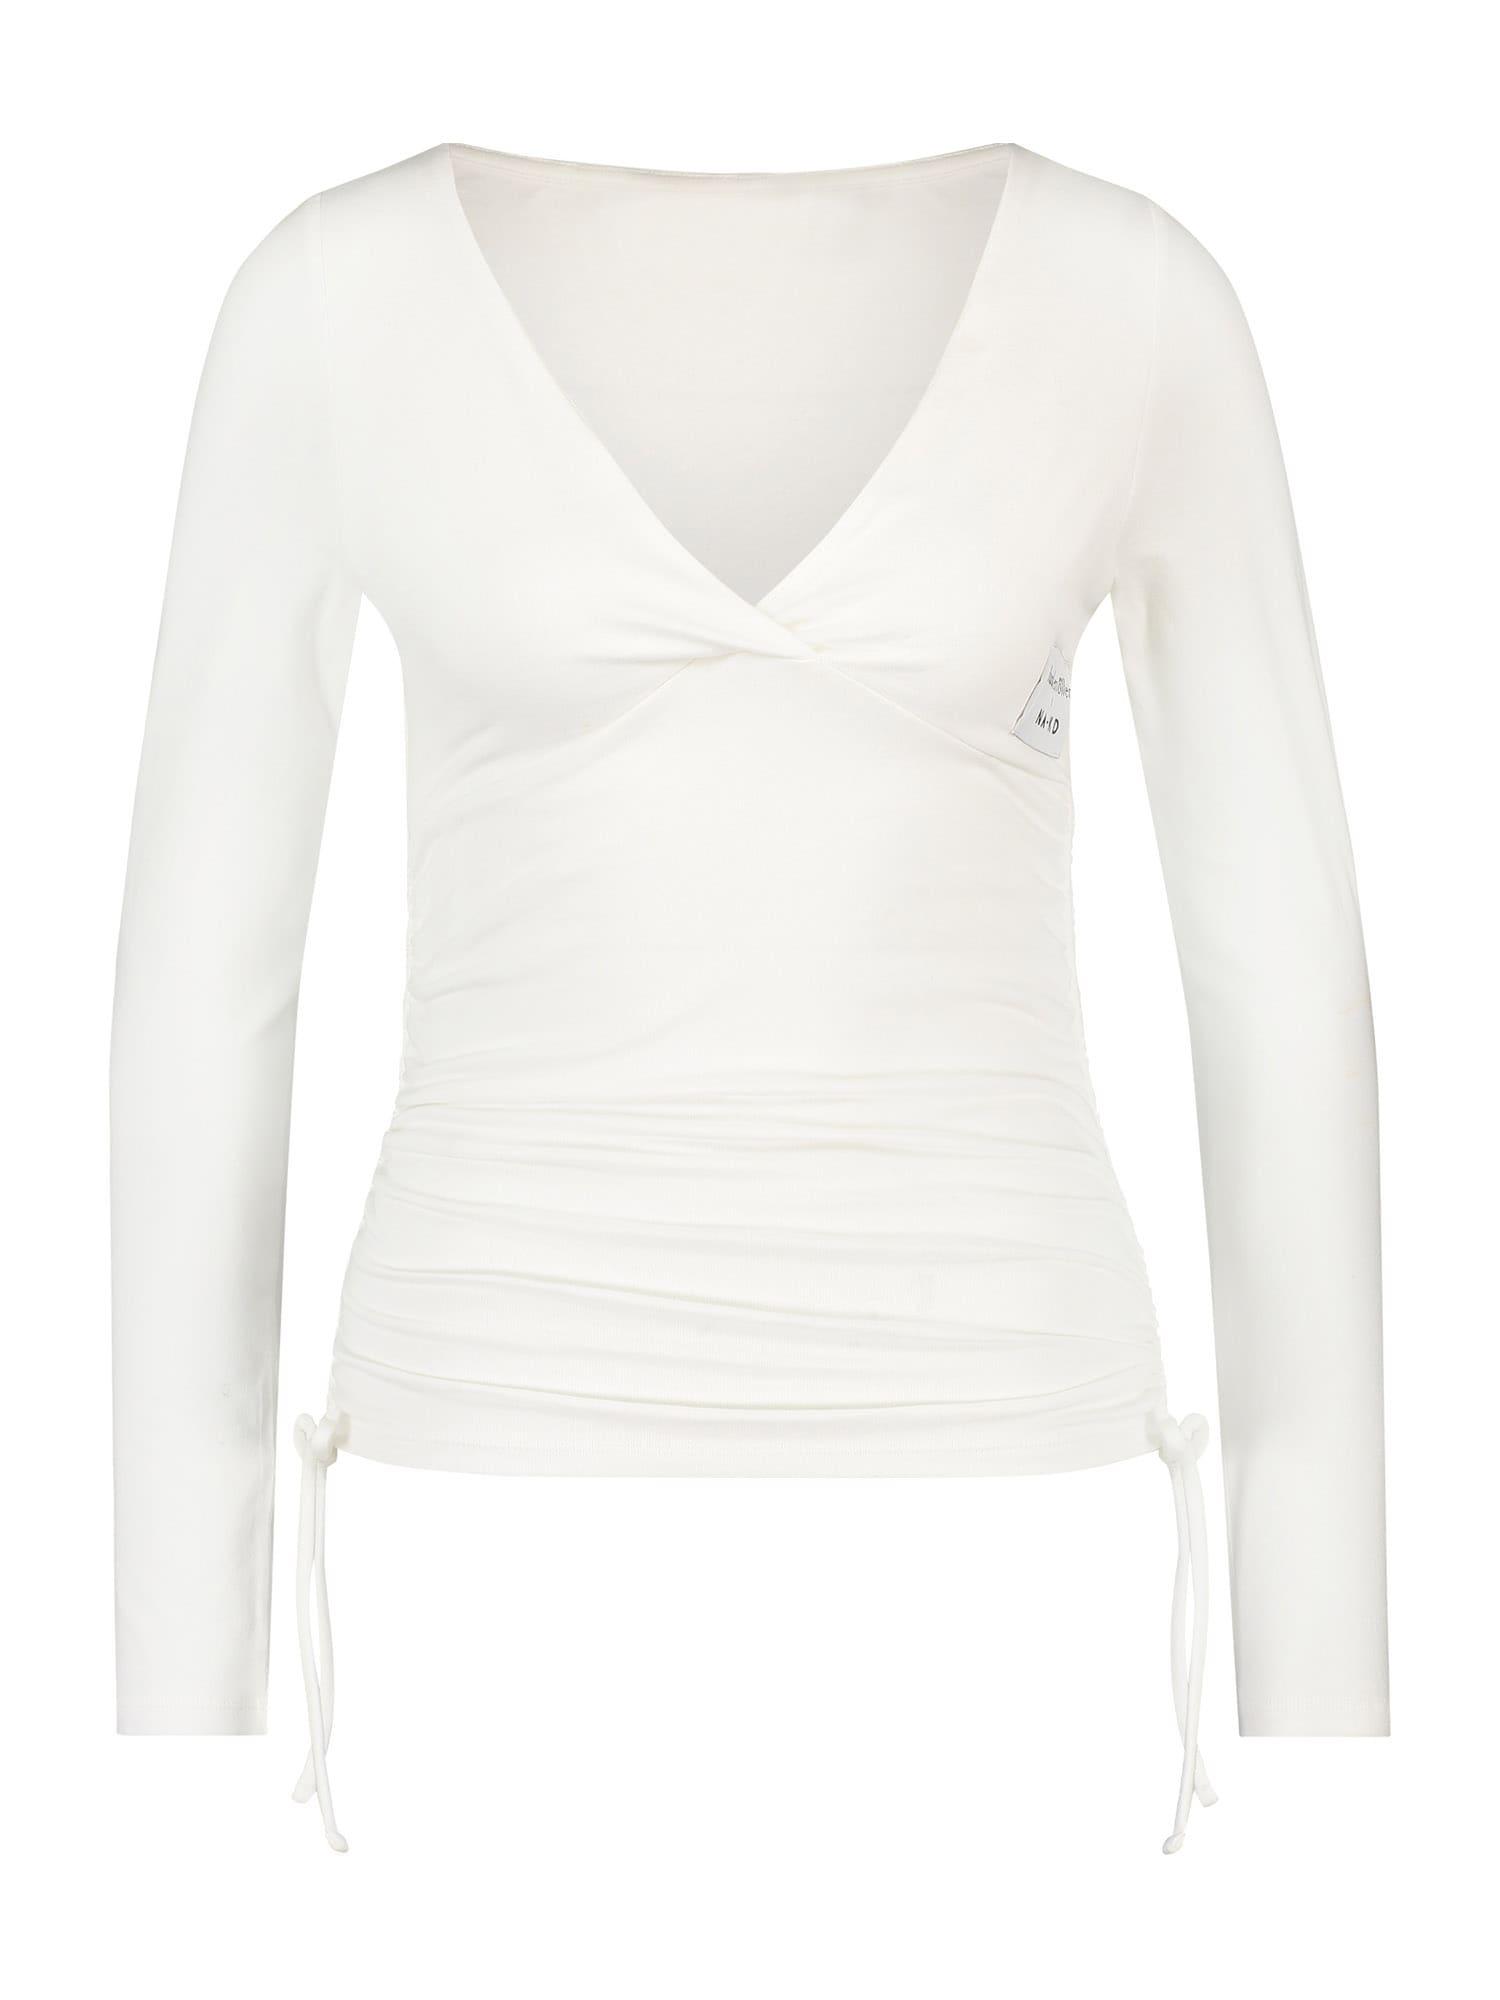 hunkemöller x NA-KD Pižaminiai marškinėliai